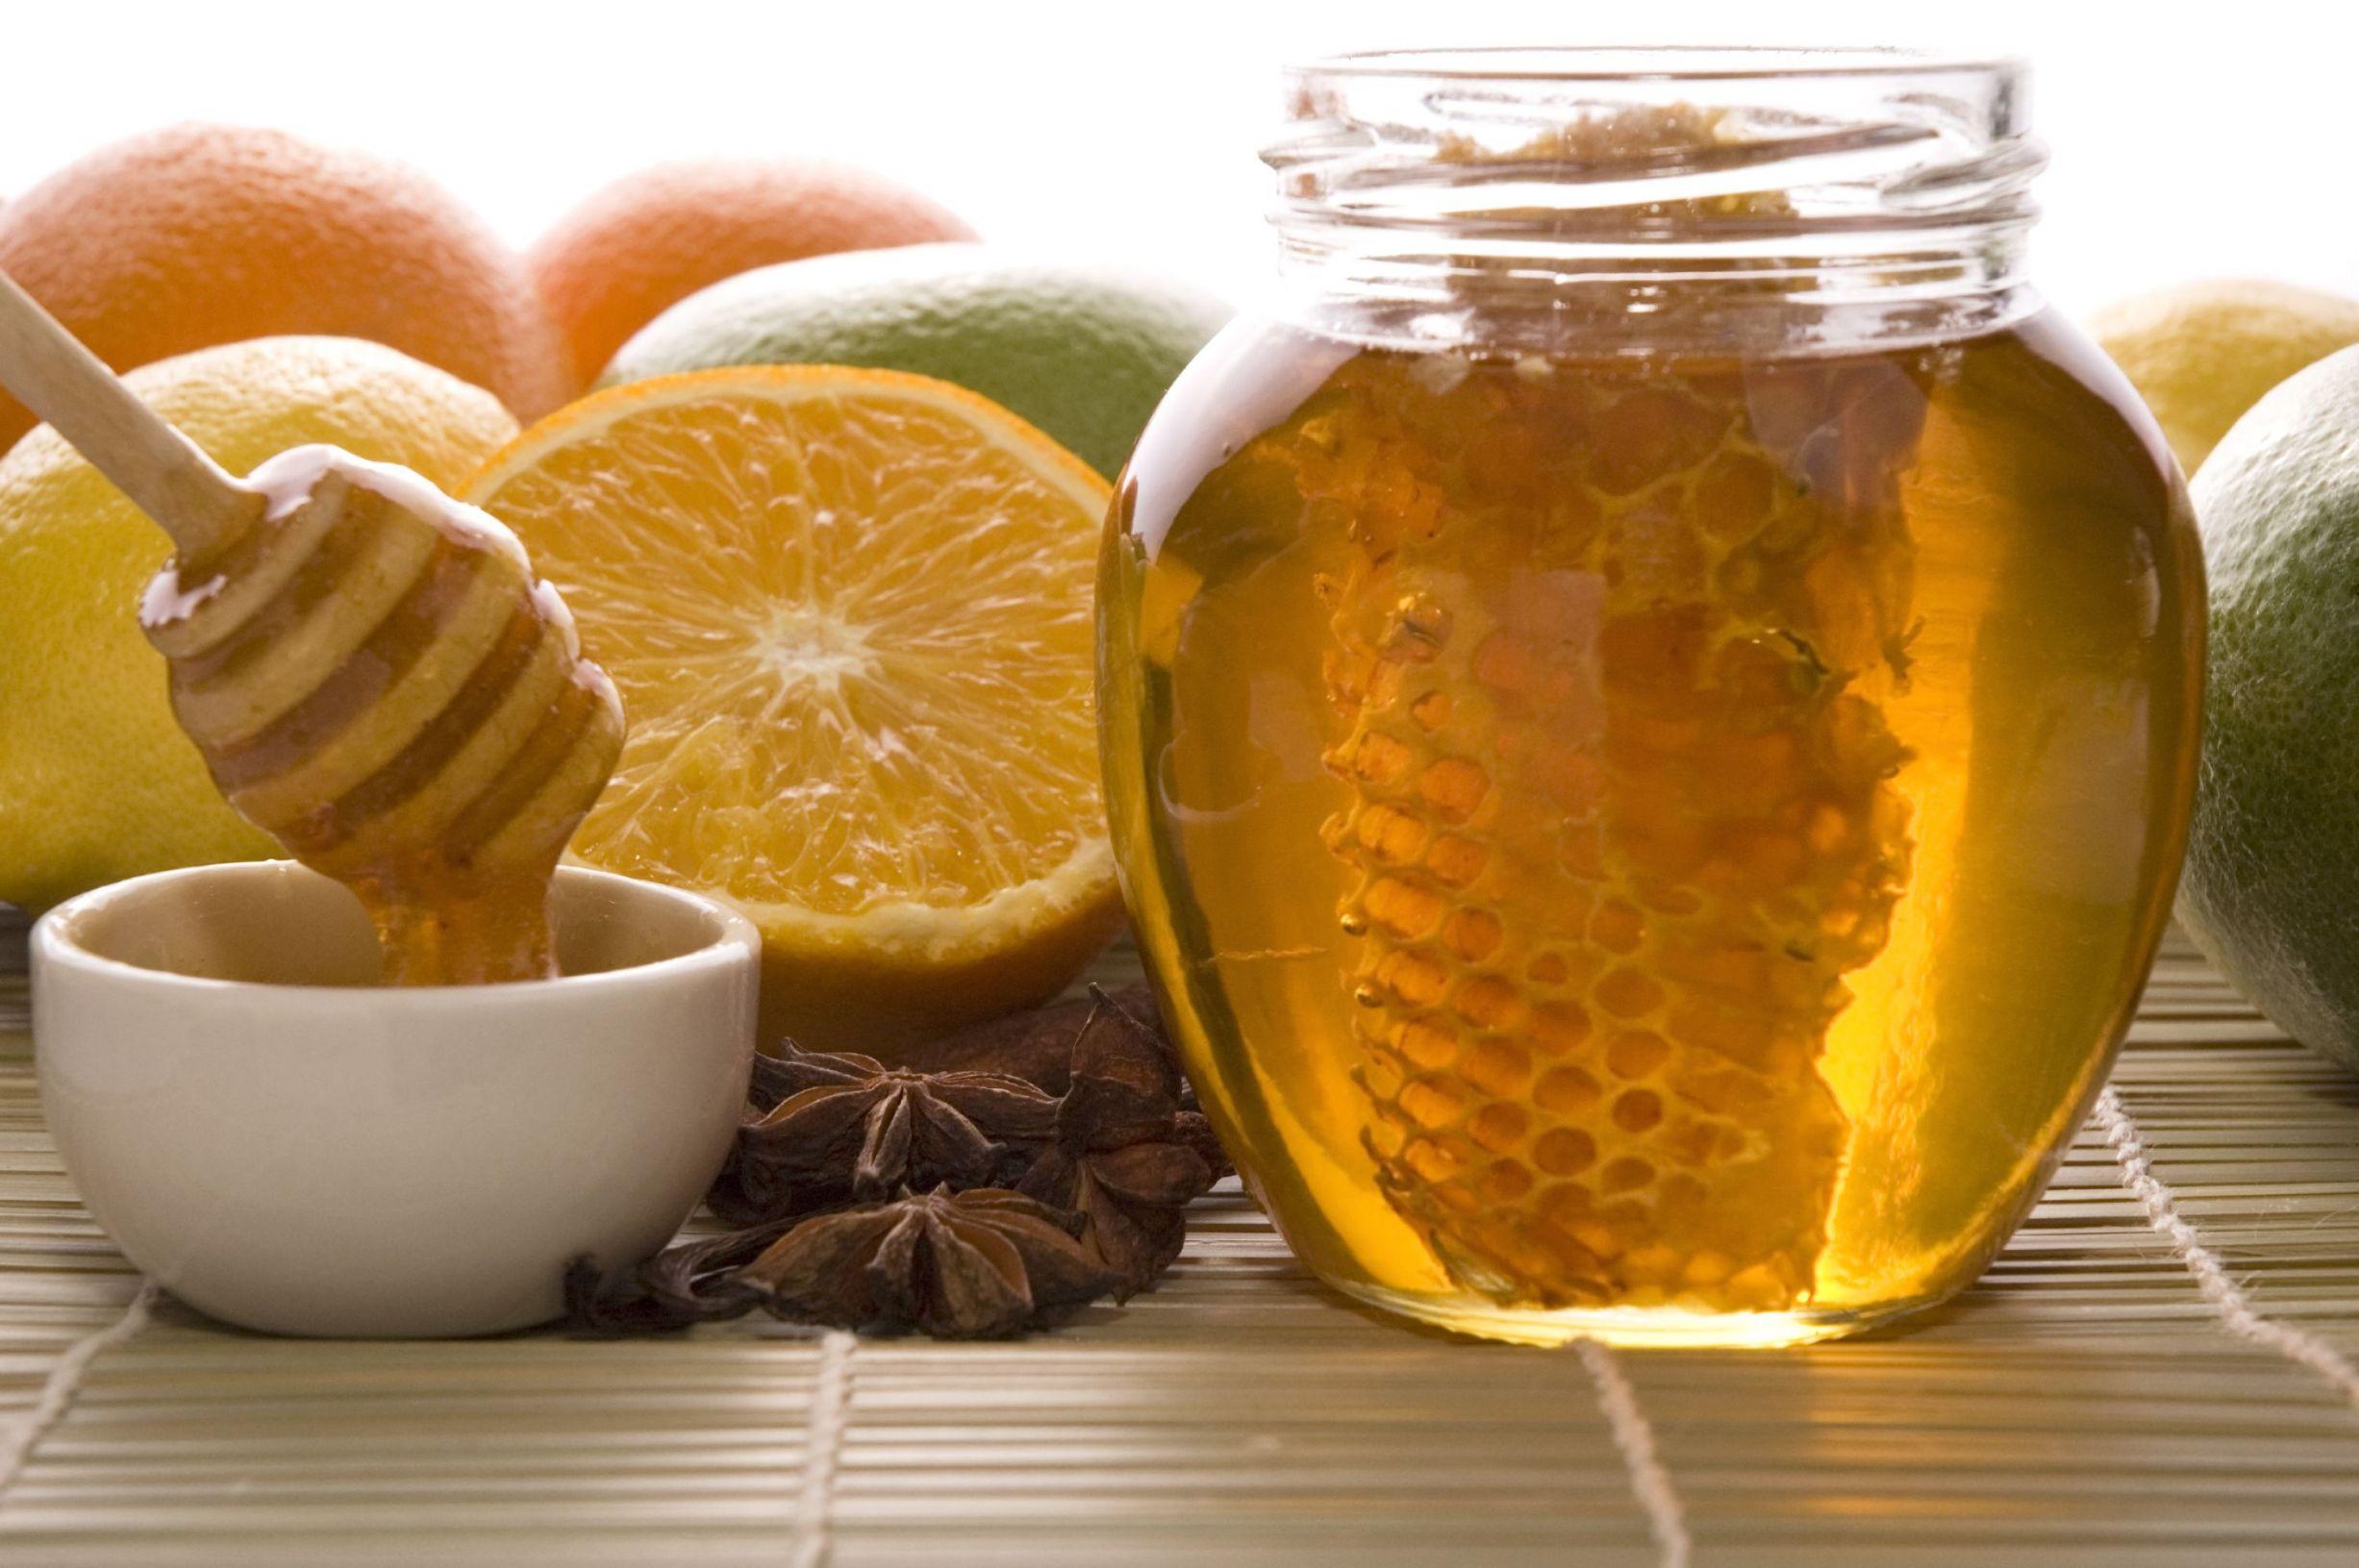 3457411_123rf_honey-fruits-bg.jpg